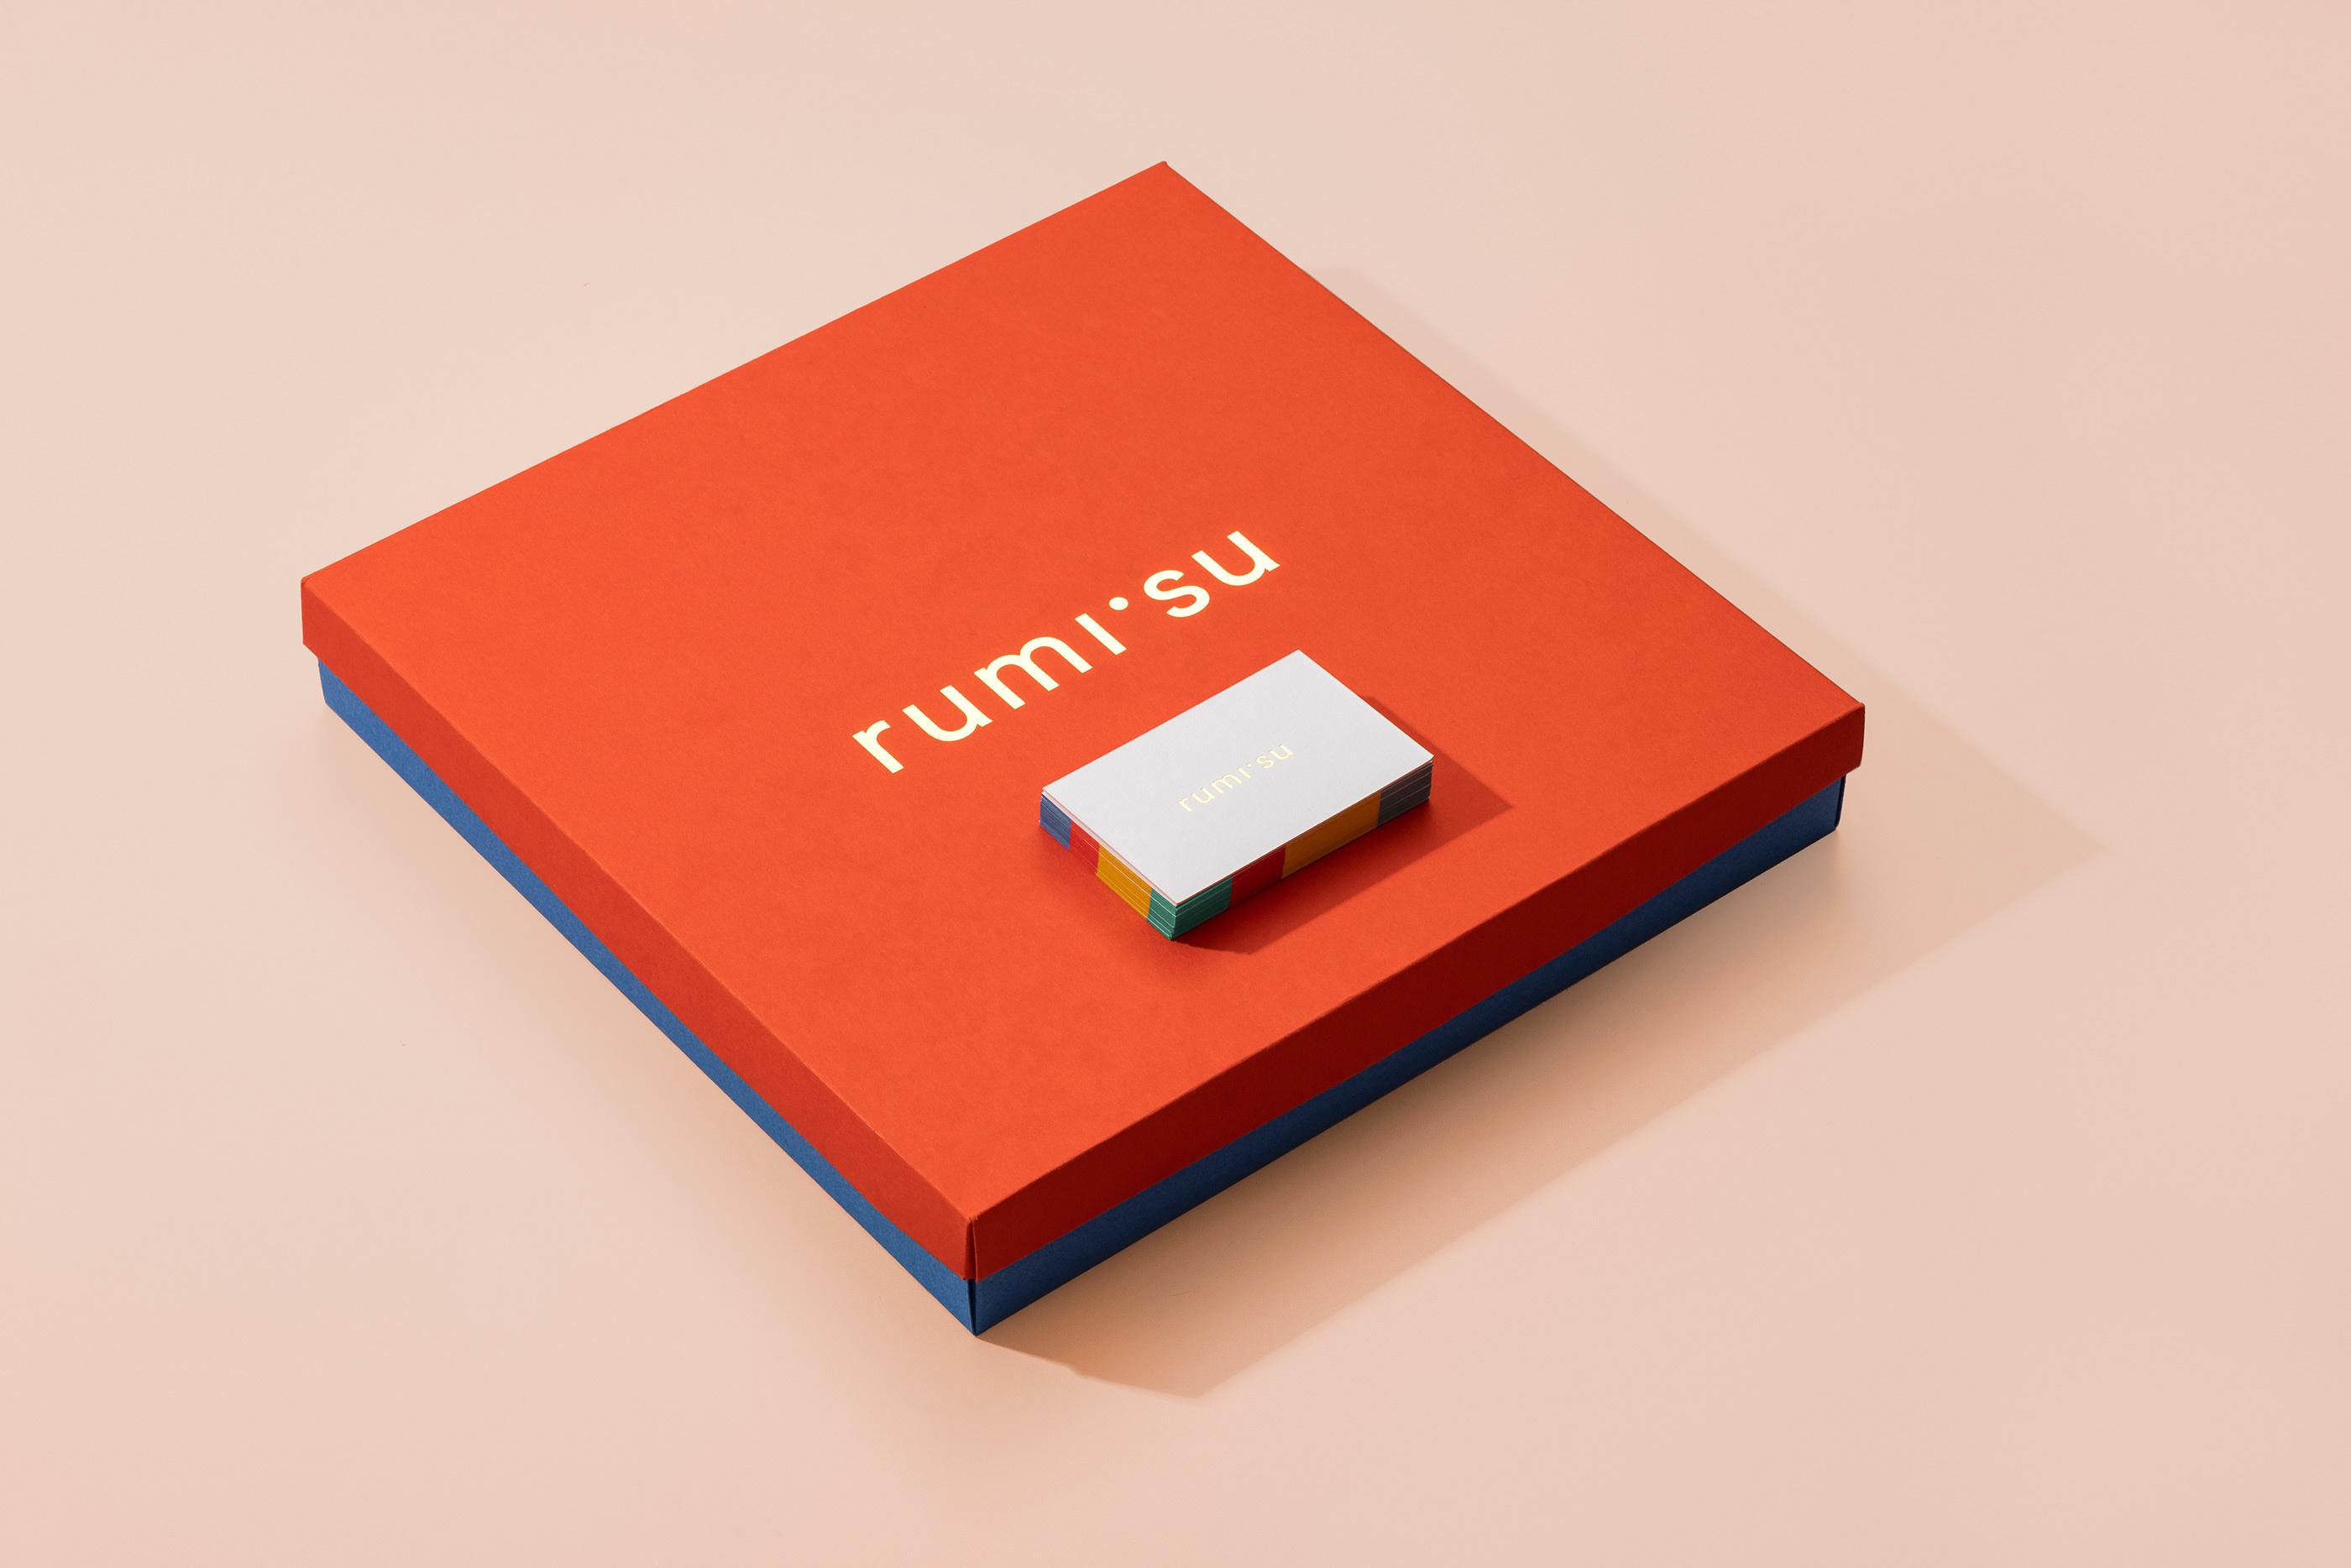 Rumisu原创设计配饰品牌的VI设计进行年轻化的品牌塑造-品牌VI设计2